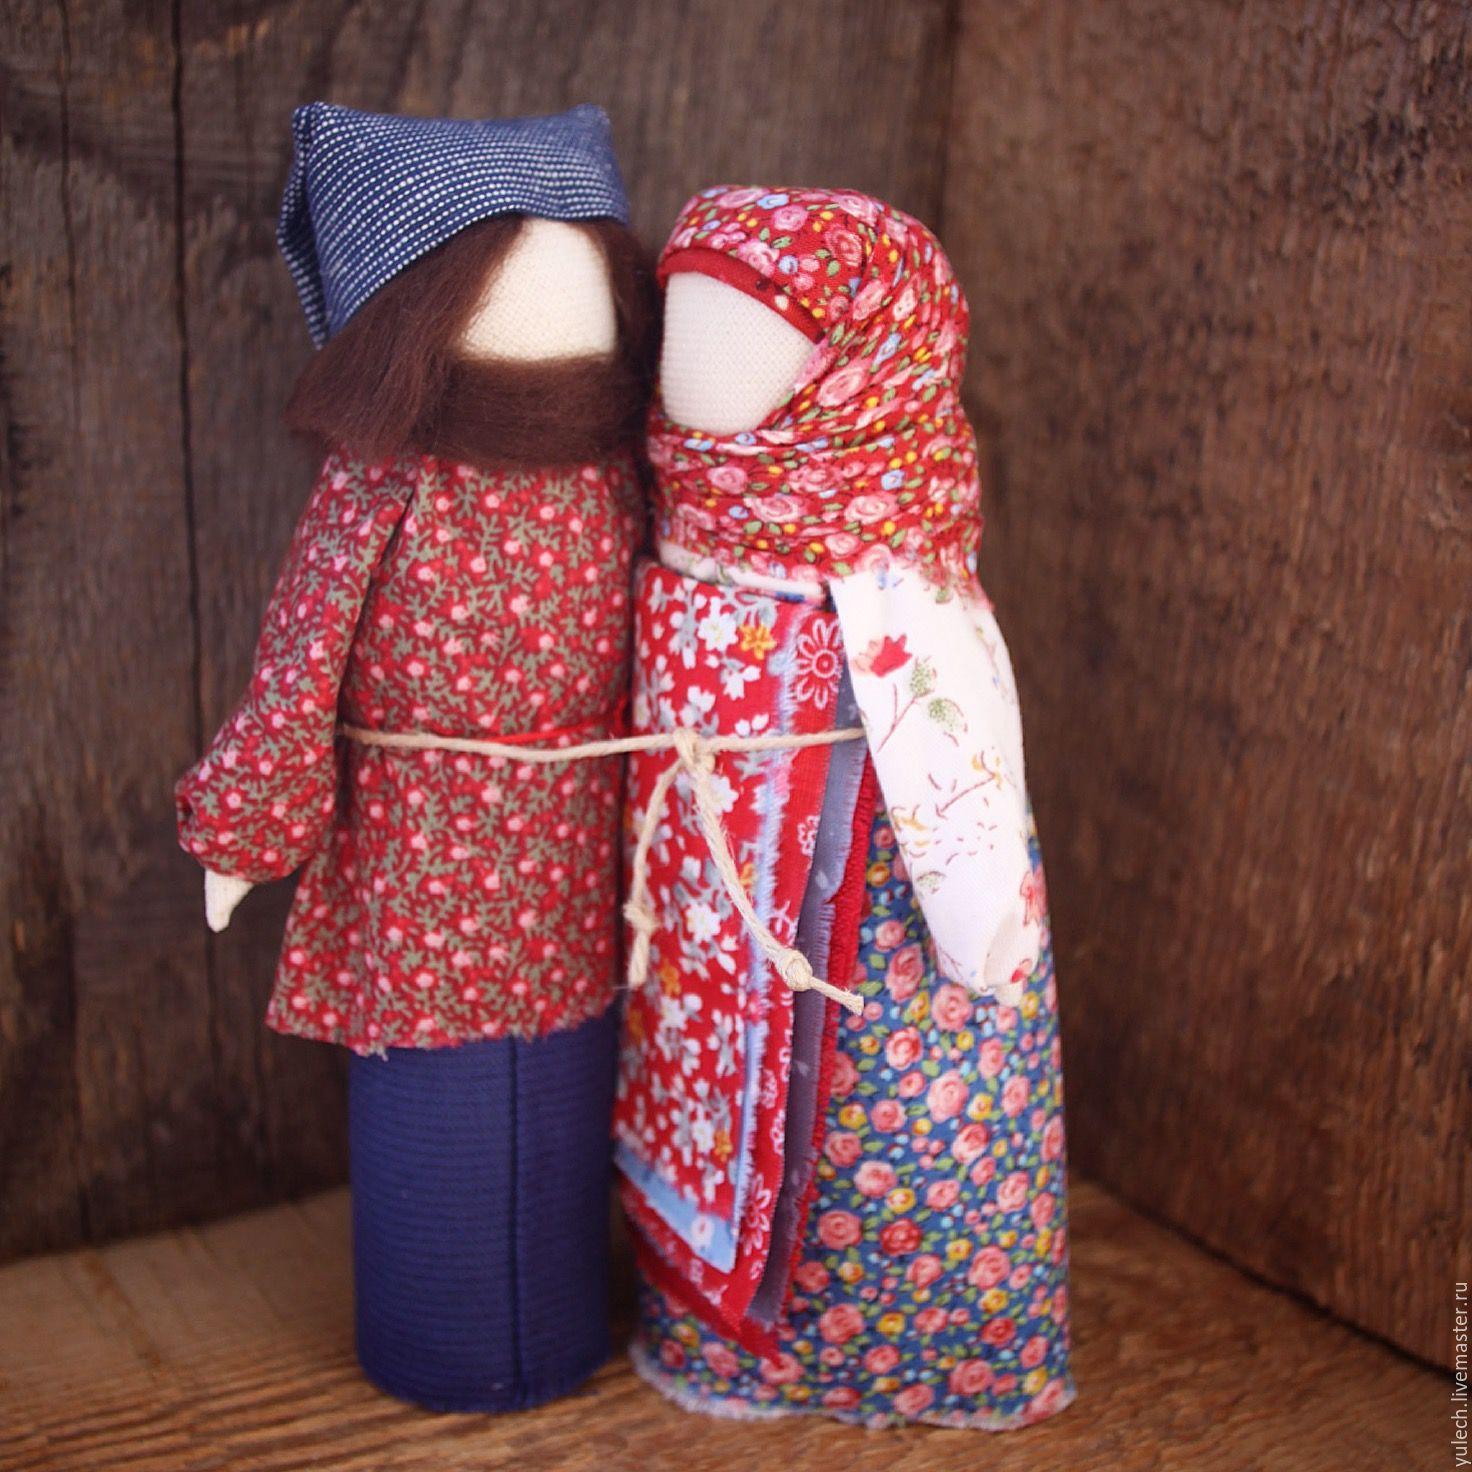 """Купить Куколки -неразлучники народные Русские """"Напоминание о Рае"""" - комбинированный, неразлучники, народная кукла, дом"""